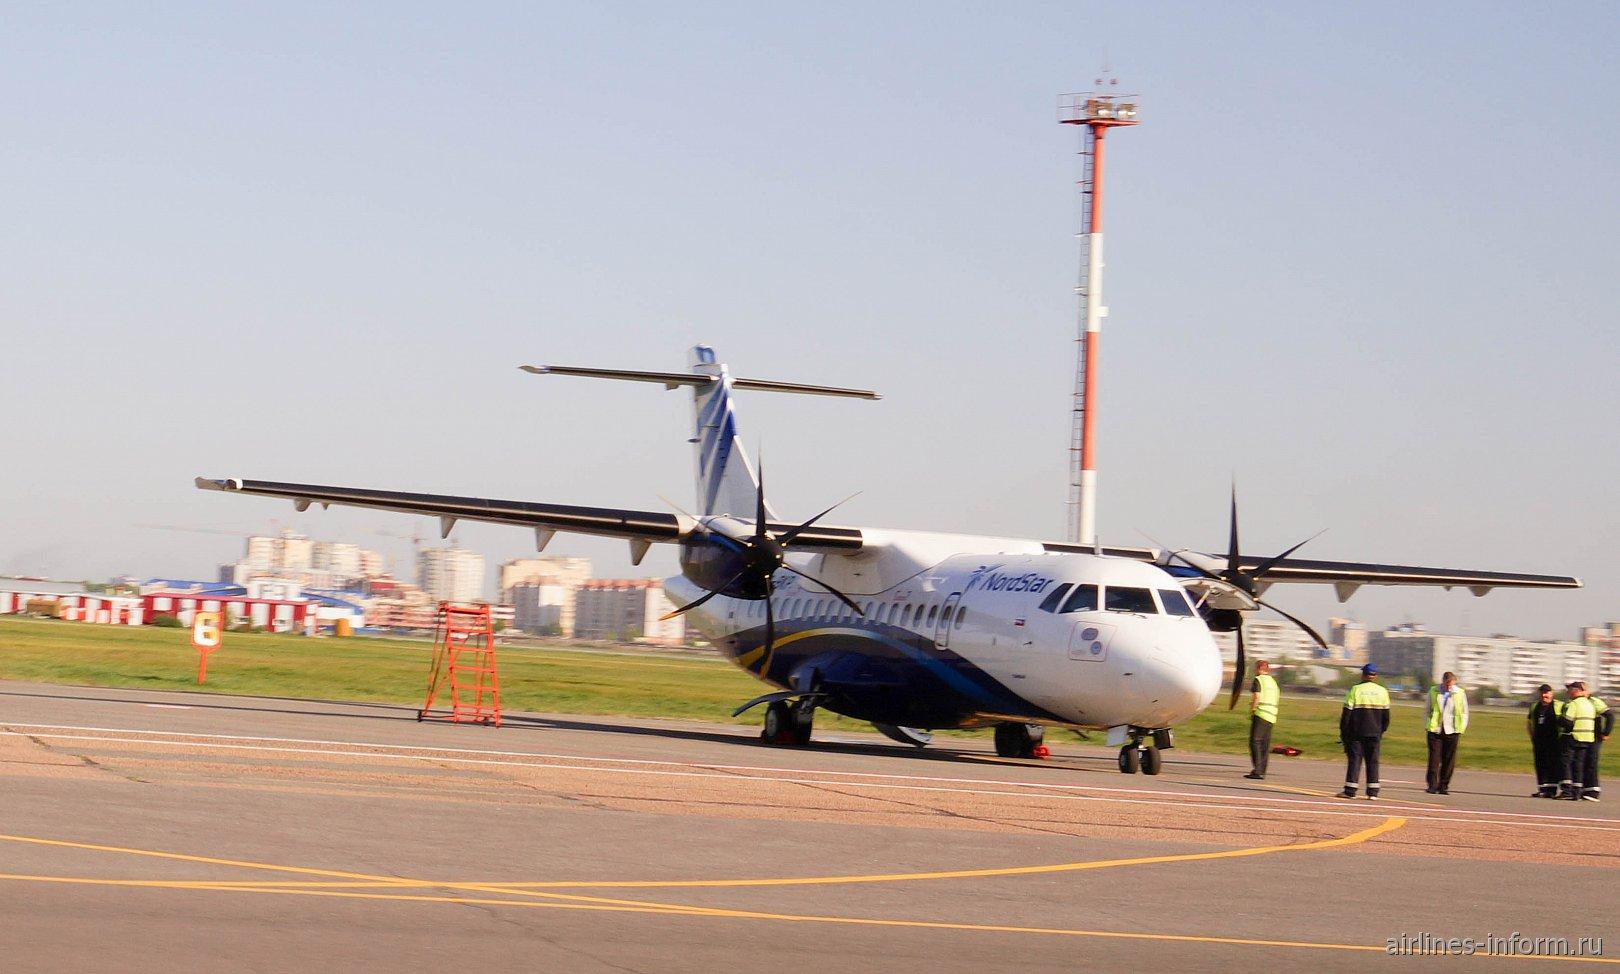 Омск-Екатеринбург, Nordstar (Таймыр), ATR 42-500, VQ-BKP